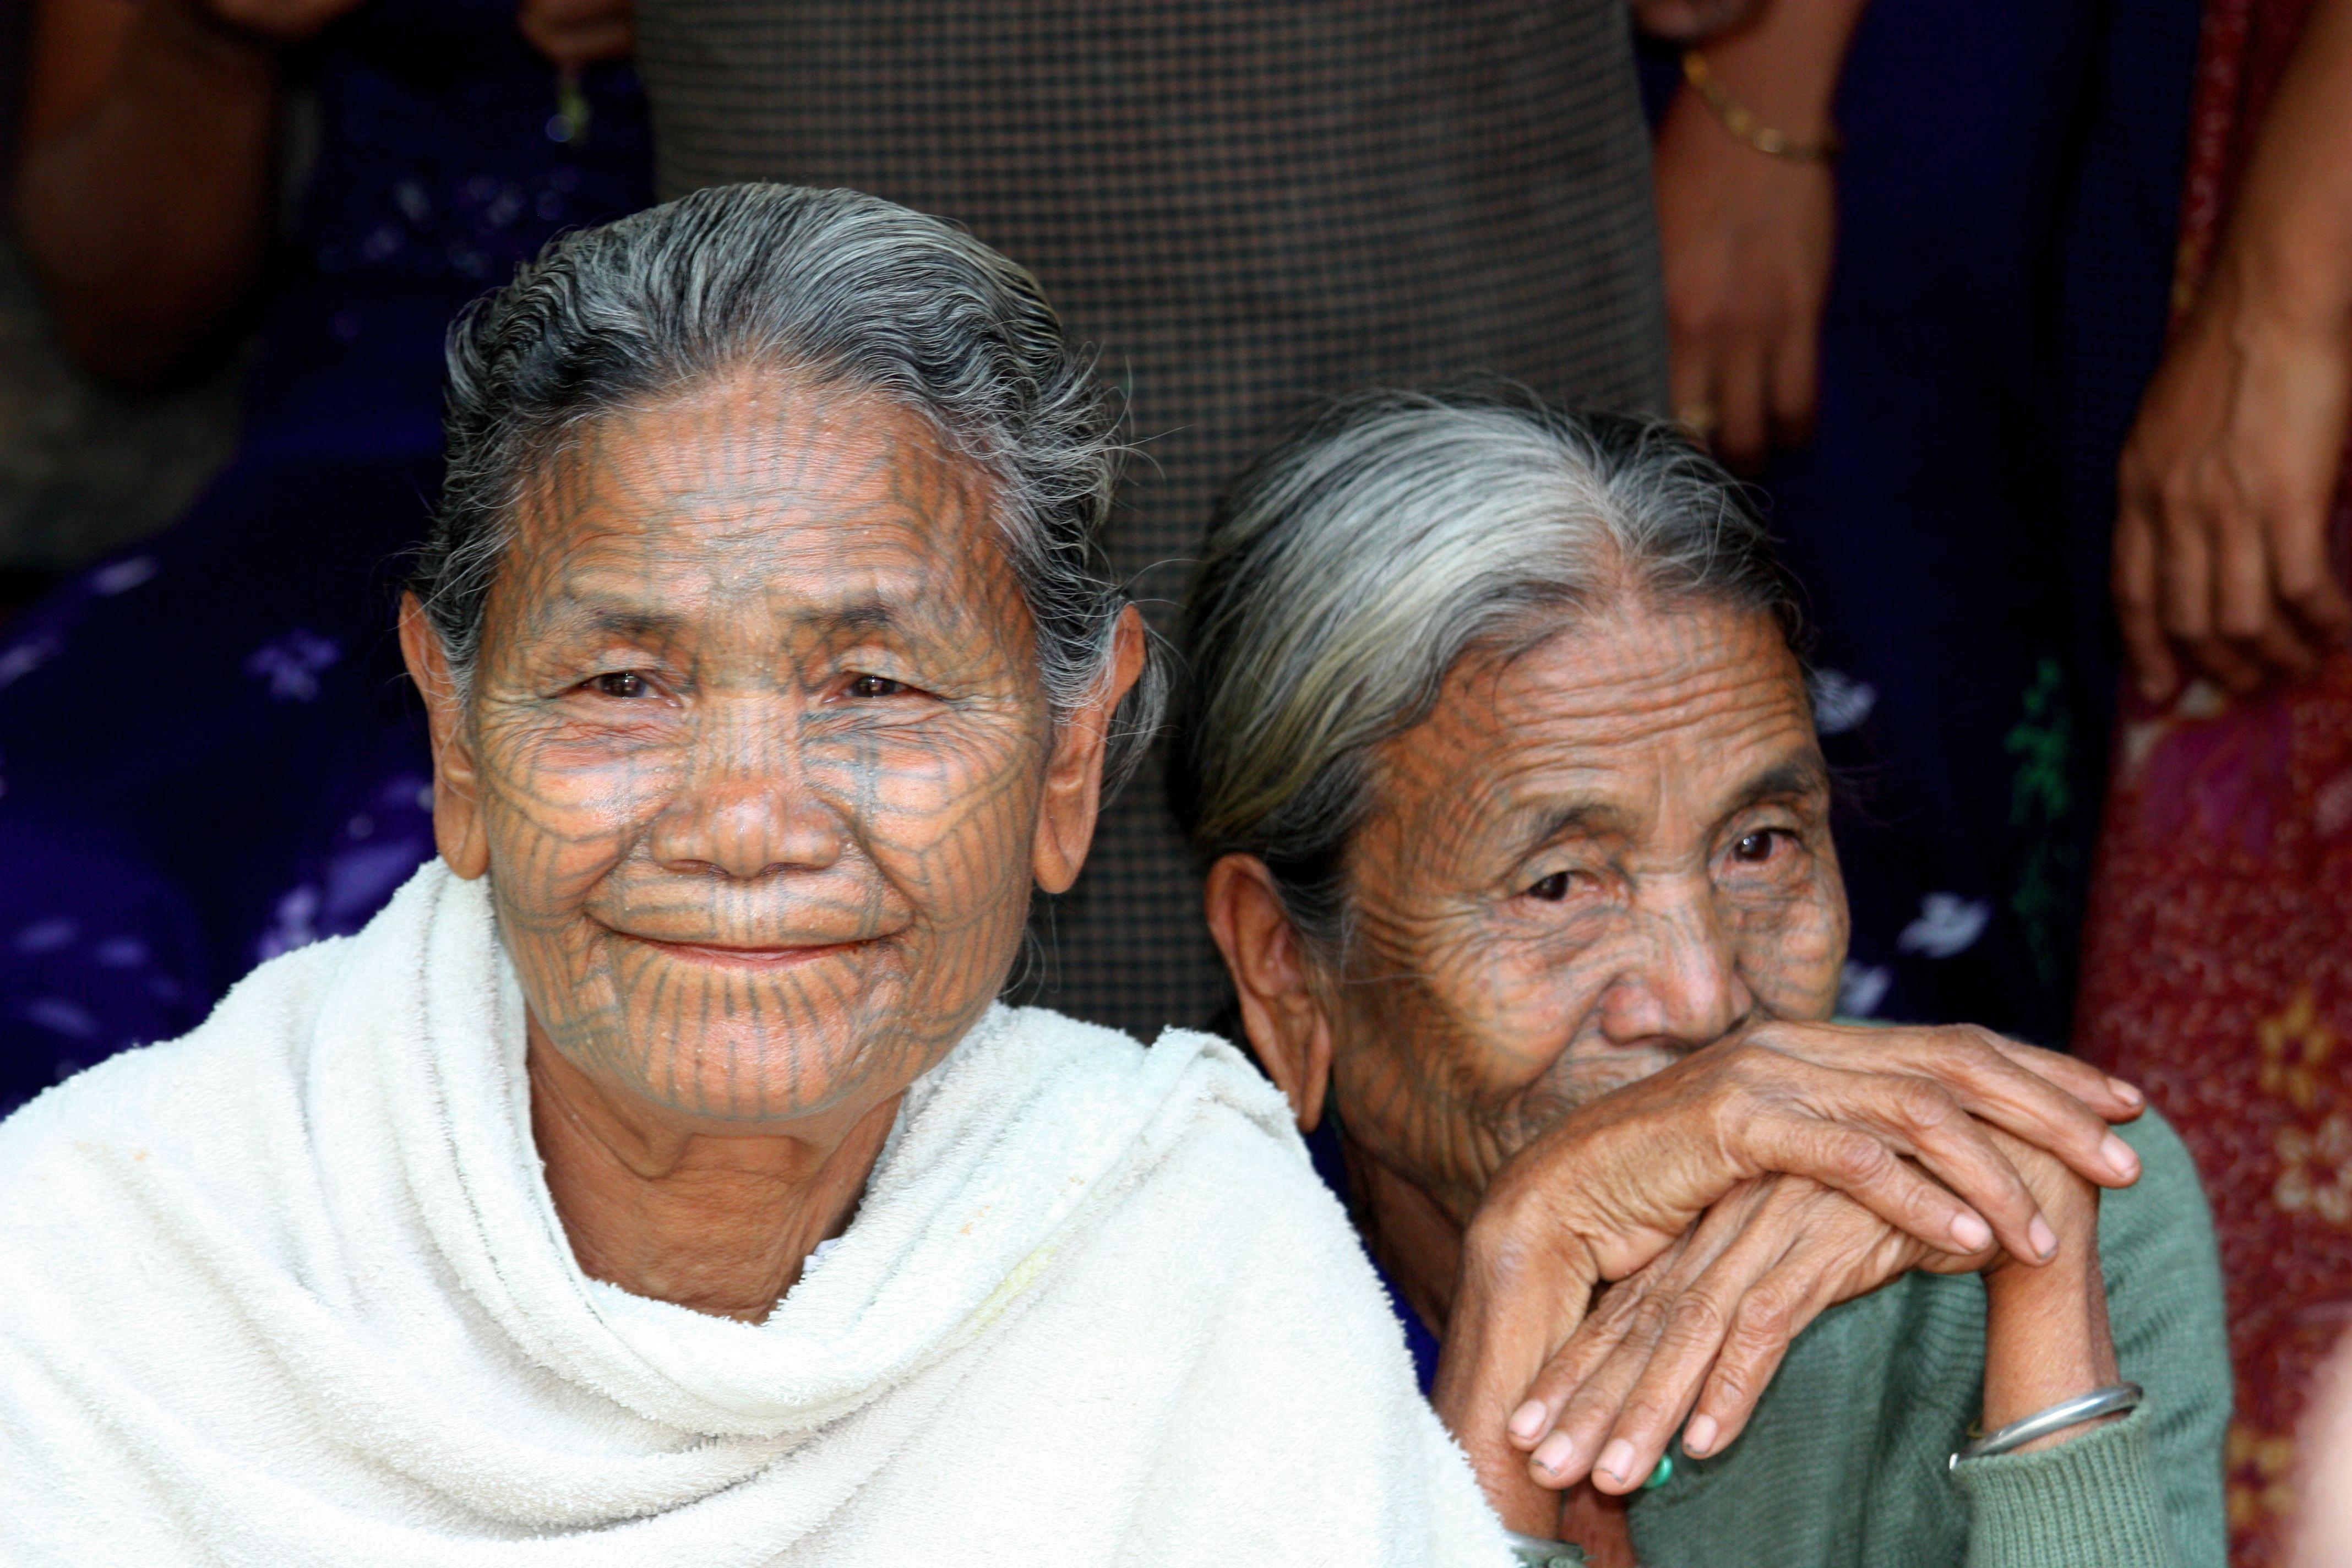 Les Emplacements De Tatouage Qui Vieillissent Bien Inkin